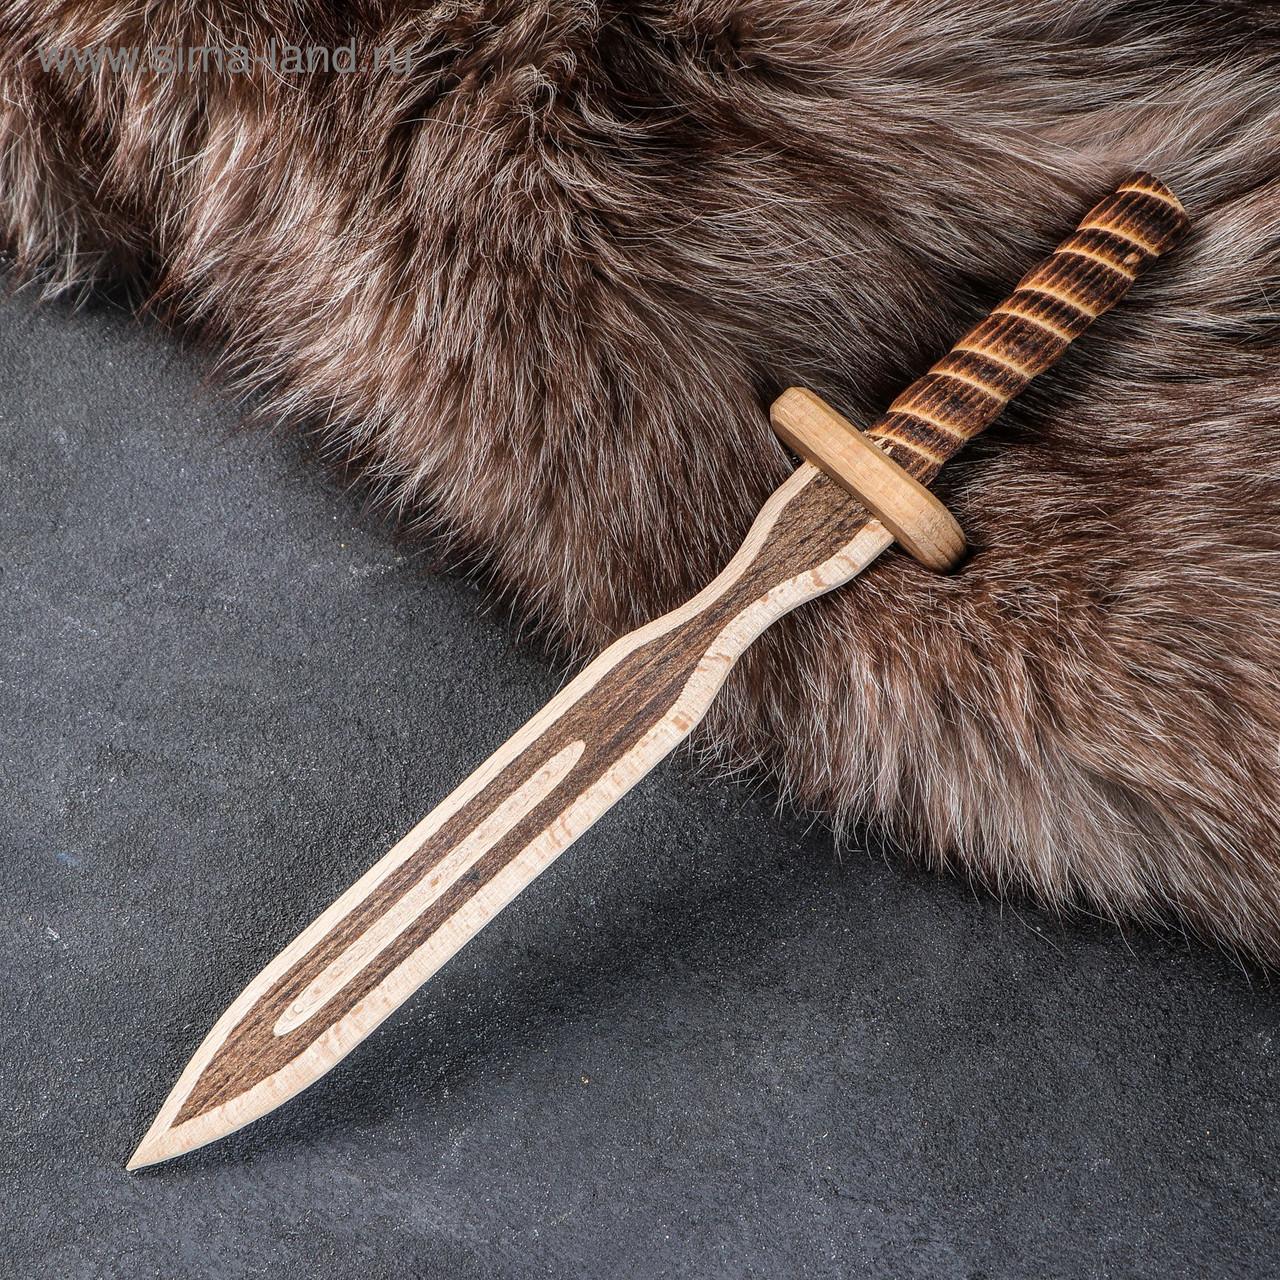 Деревянный Нож Клинок Тип 2 (31 см.)